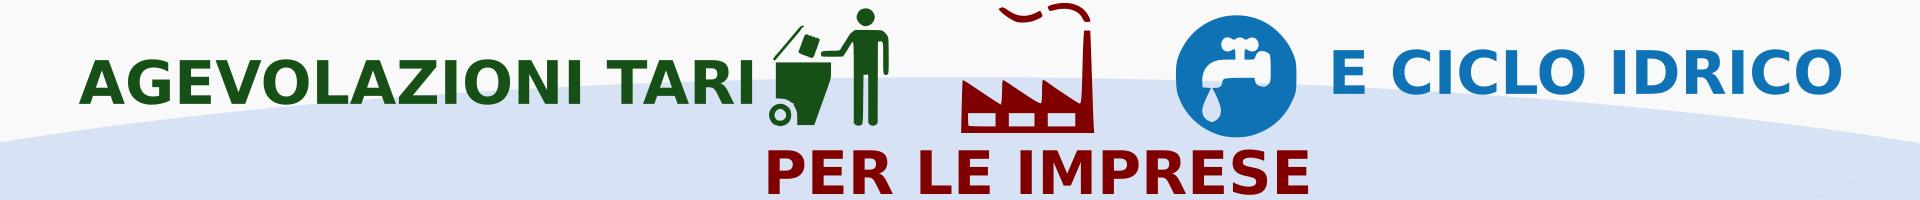 Agevolazioni tari e ciclo idrico per le imprese 2018 for Agevolazioni utenze domestiche